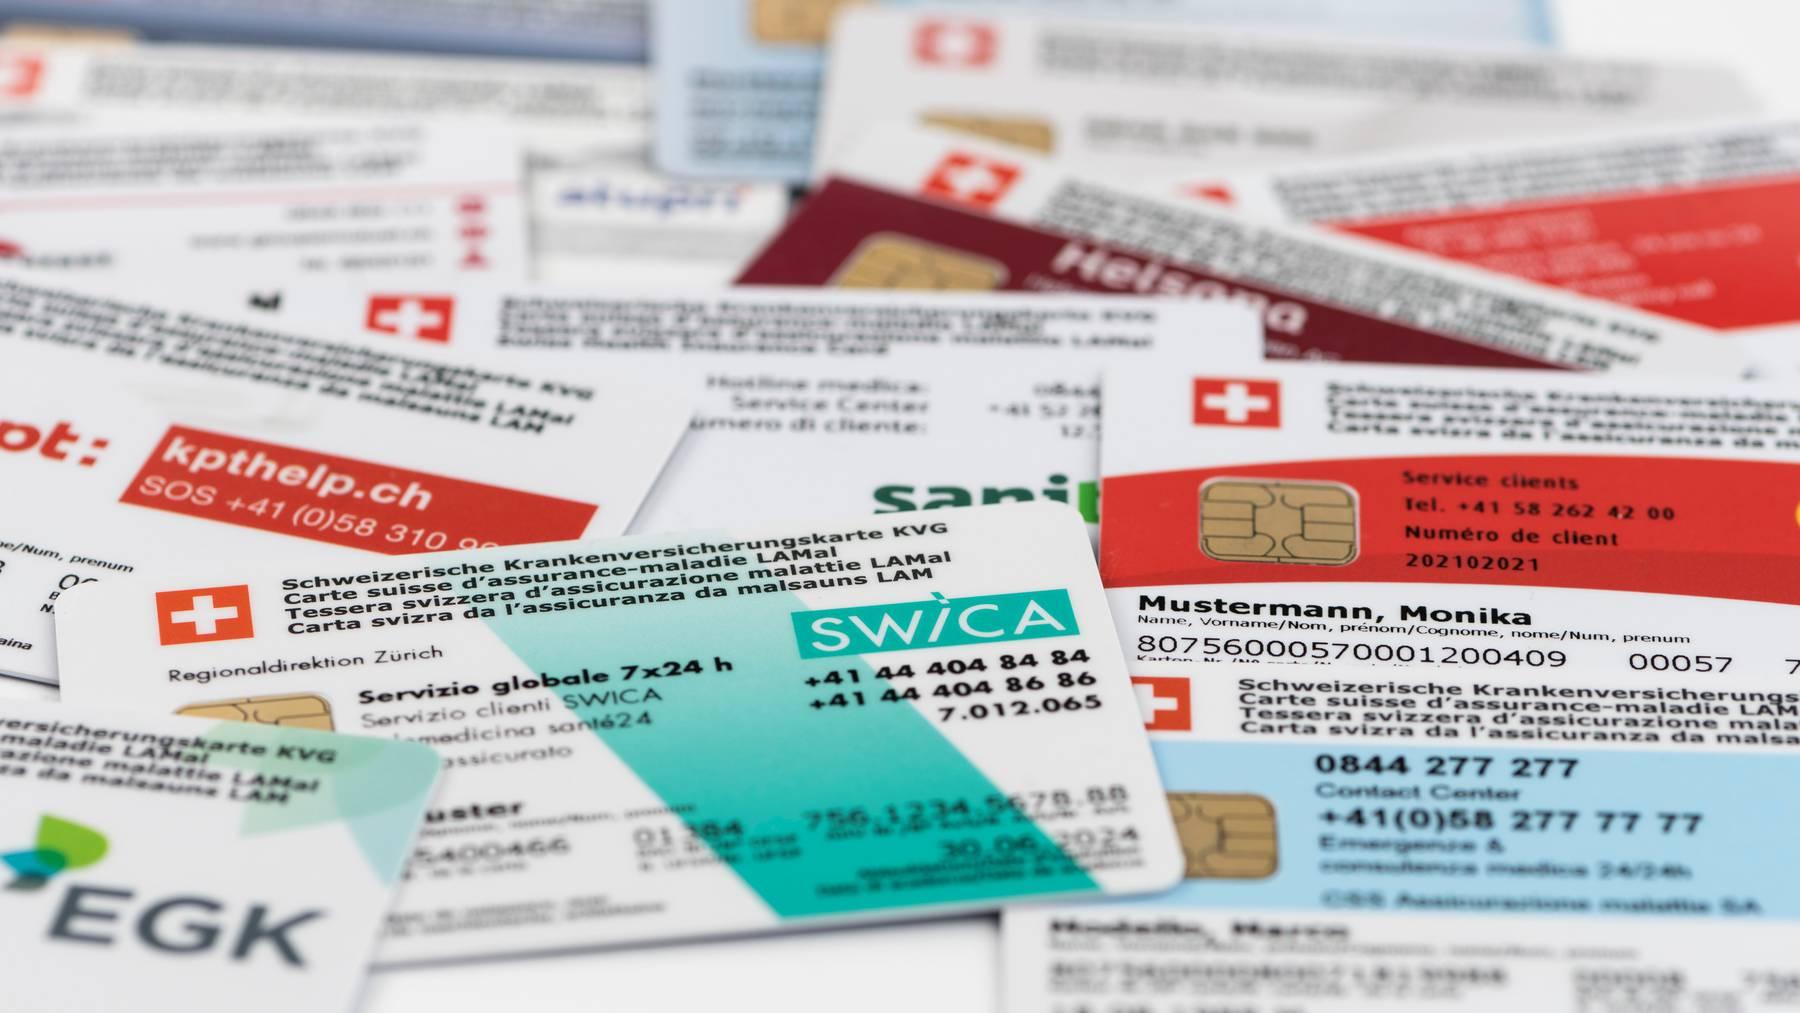 Noch im September wird Bundesrat Alain Berset die neuen Prämien bekanntgeben. Um Fairness zwischen Krankenkassen zu garantieren, ist der Risikoausgleich ein wichtiges Instrument.